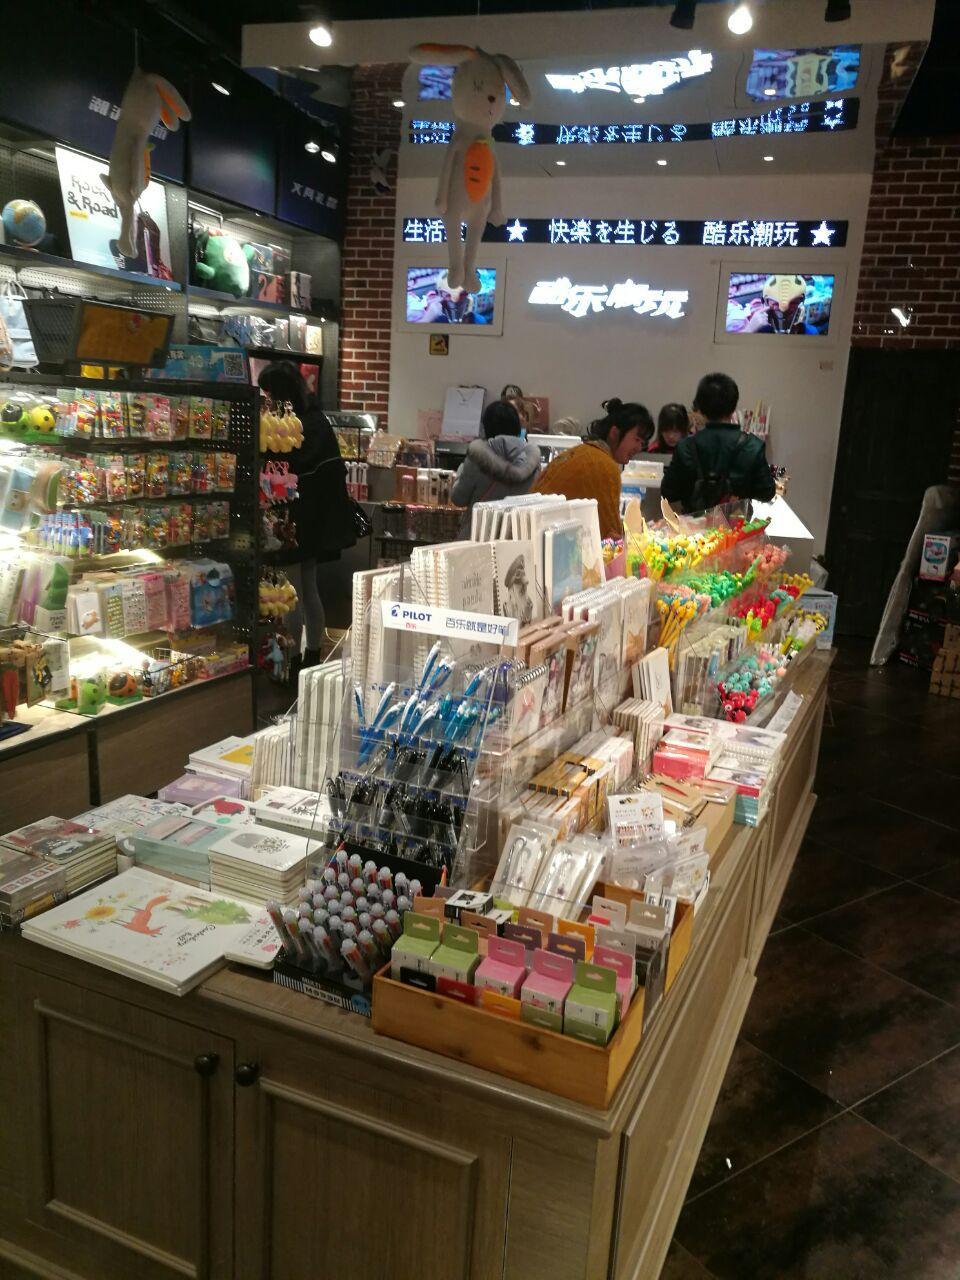 酷乐潮玩是家很有特色的老幼皆宜的小商品小玩具店铺,整体装修颇有